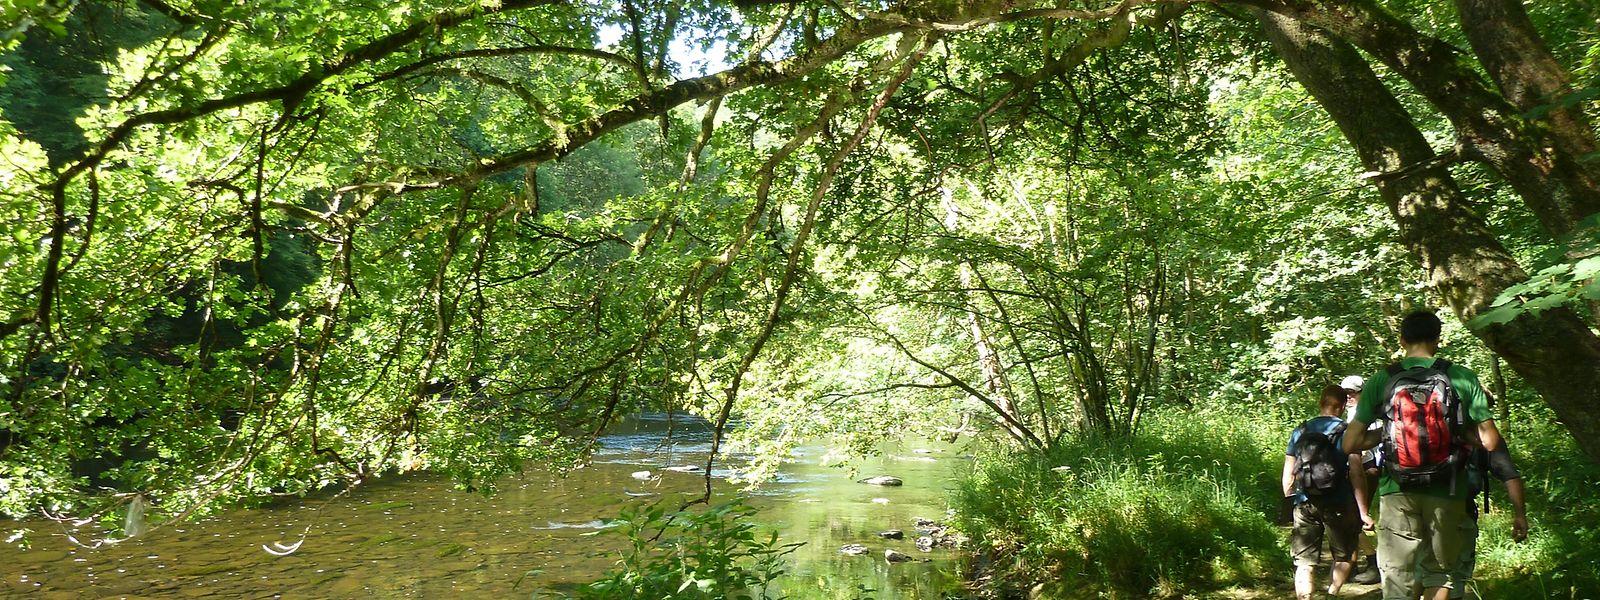 Quatre parcs naturels des provinces belges de Liège et de Luxembourg viennent de s'allier à l'Office du Tourisme des Ardennes Luxembourgeoises (ORTAL).